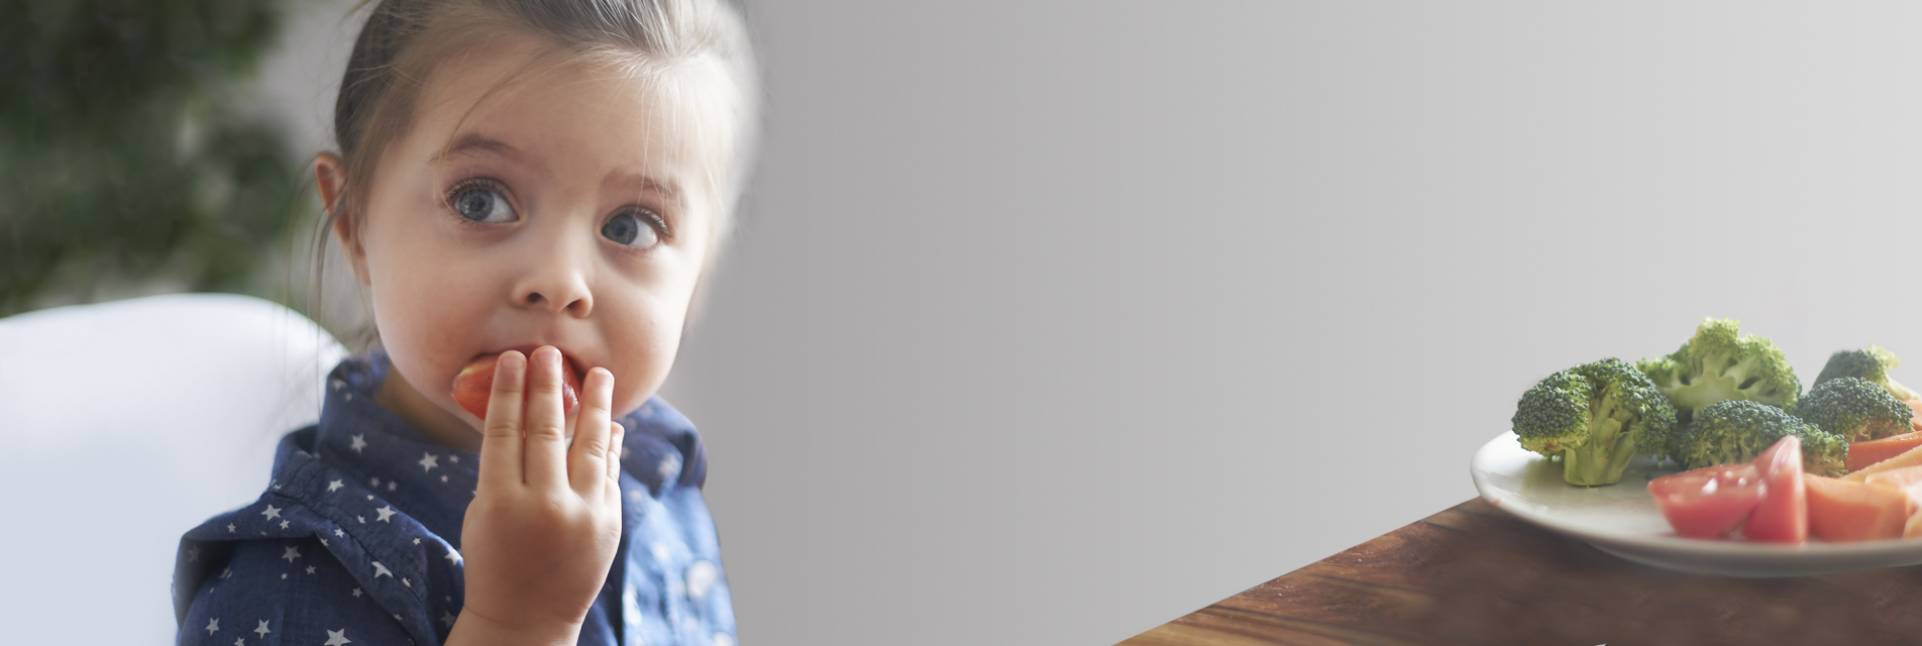 Las necesidades de hierro en la infancia y la adolescencia